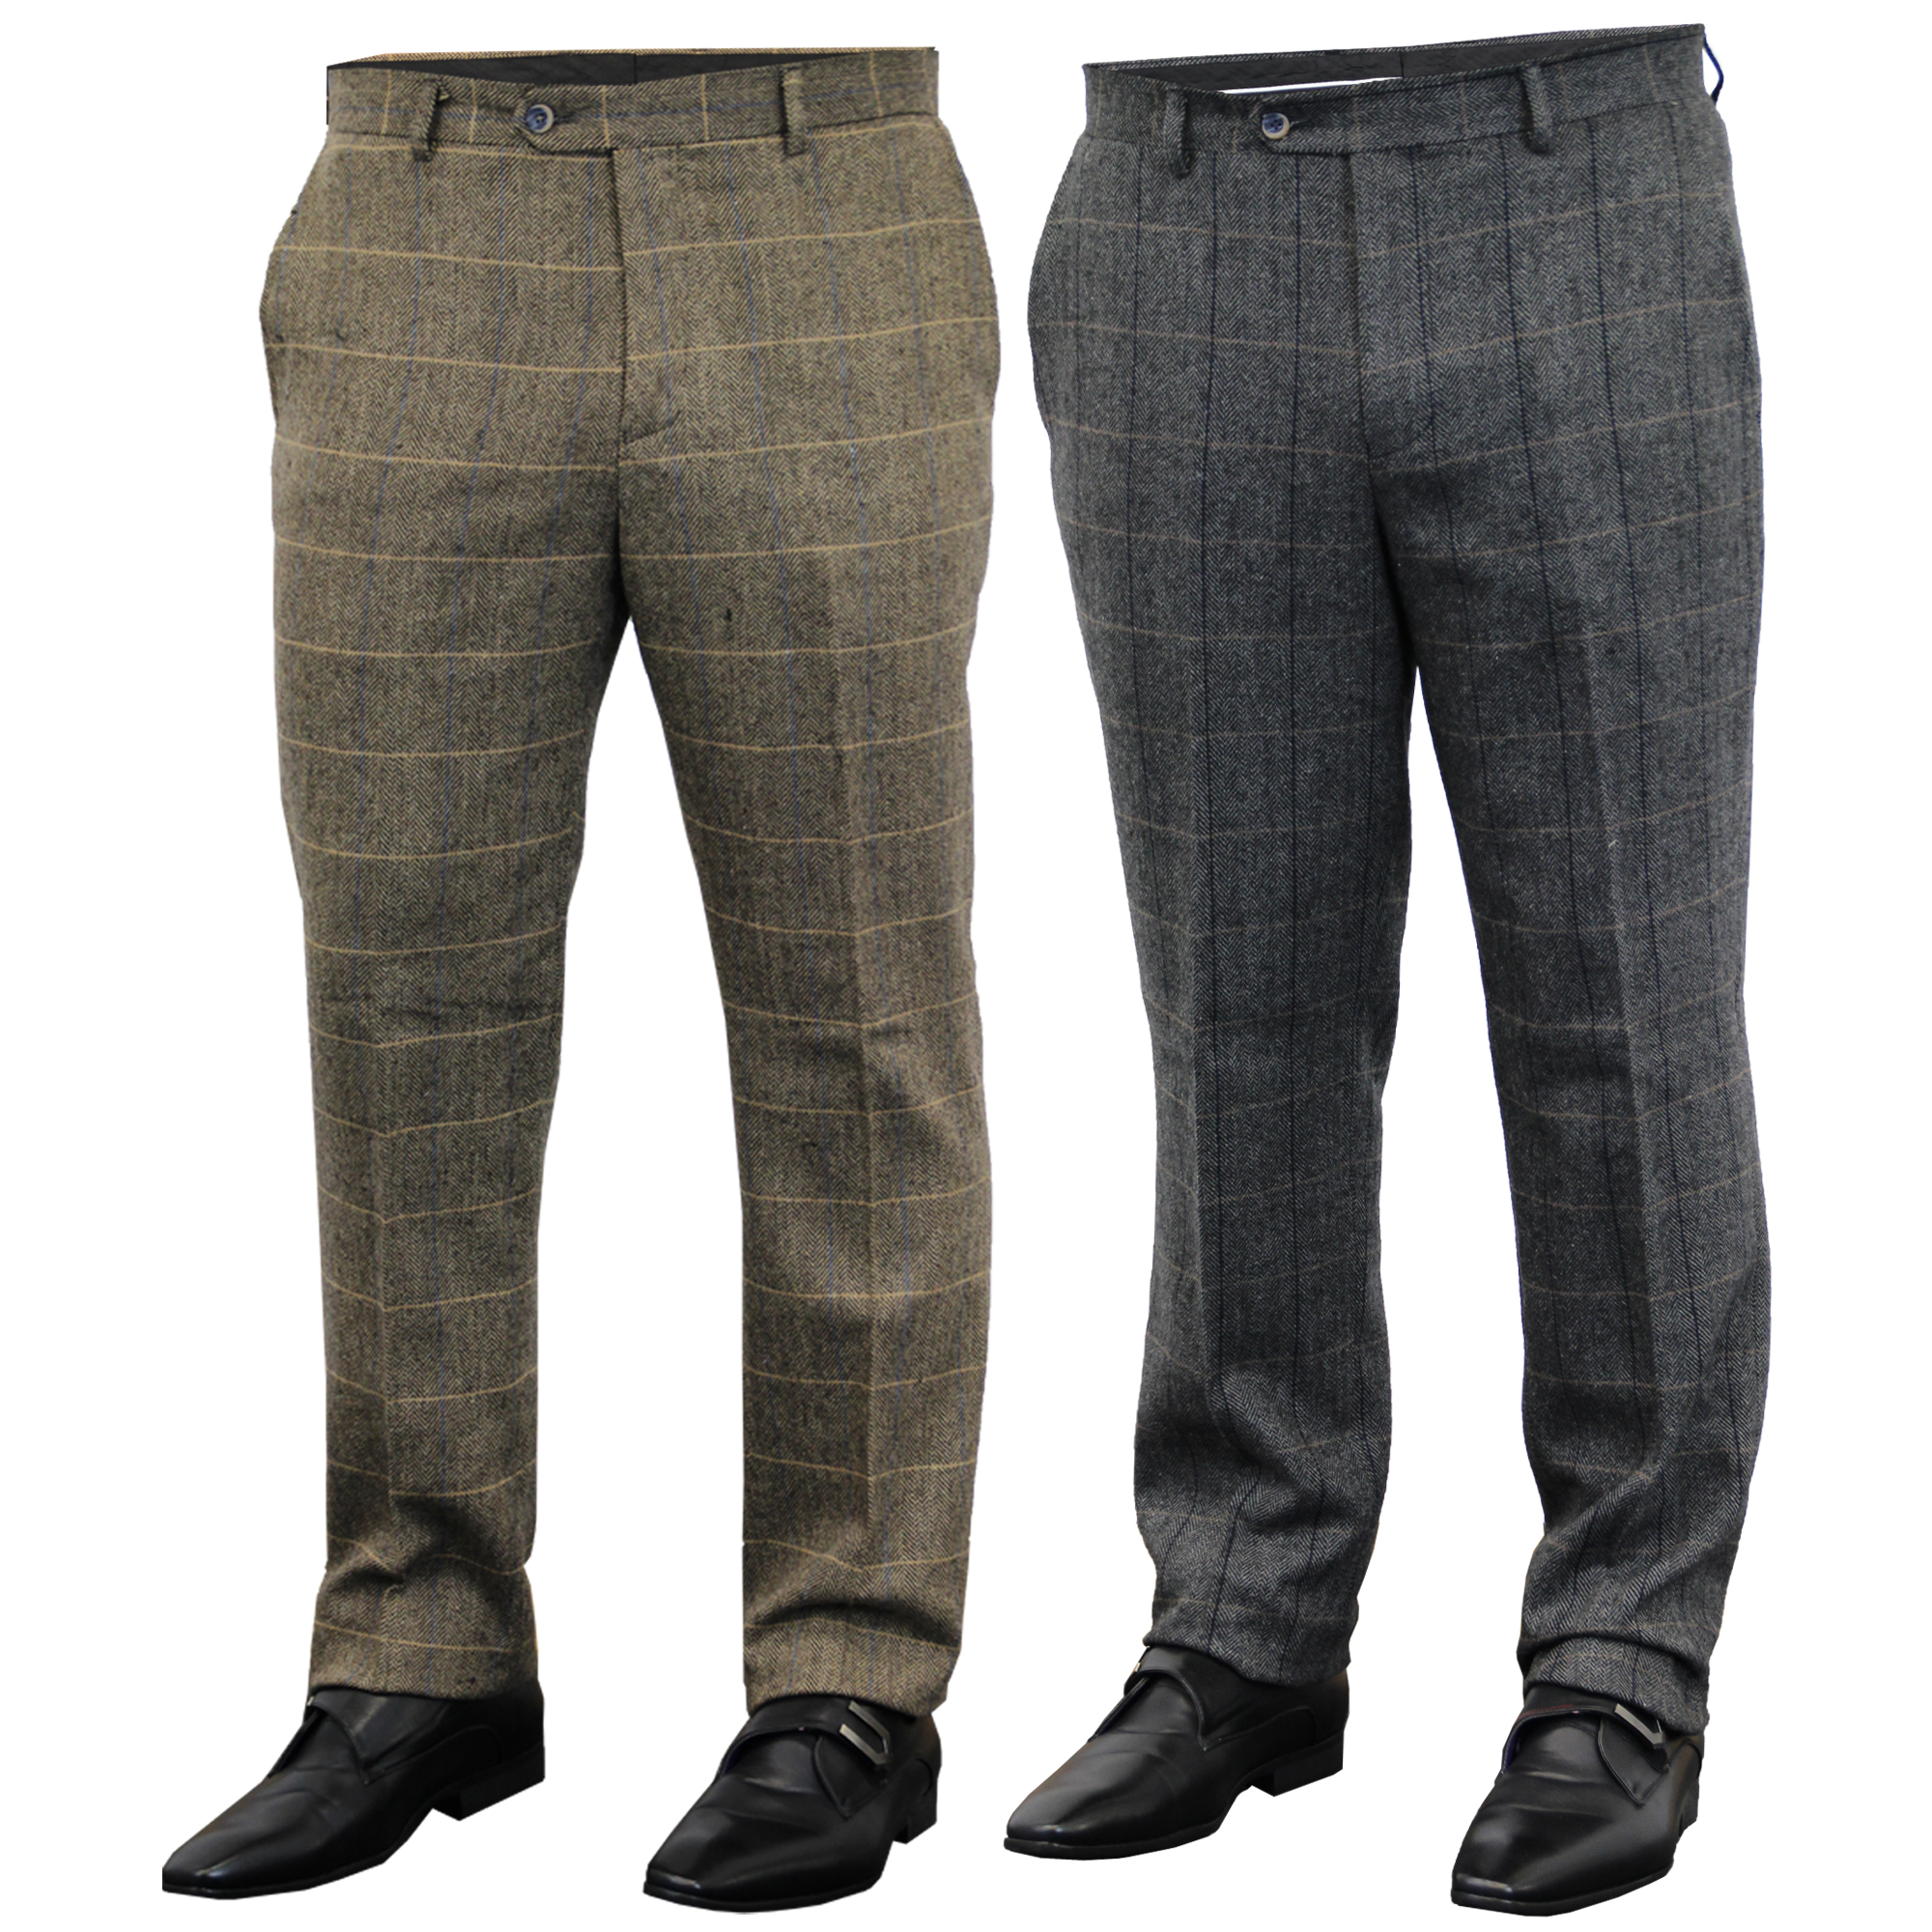 Mens-Wool-Mix-Trousers-Cavani-Tweed-Herringbone-Checked-Pants-Office-Work-New thumbnail 5